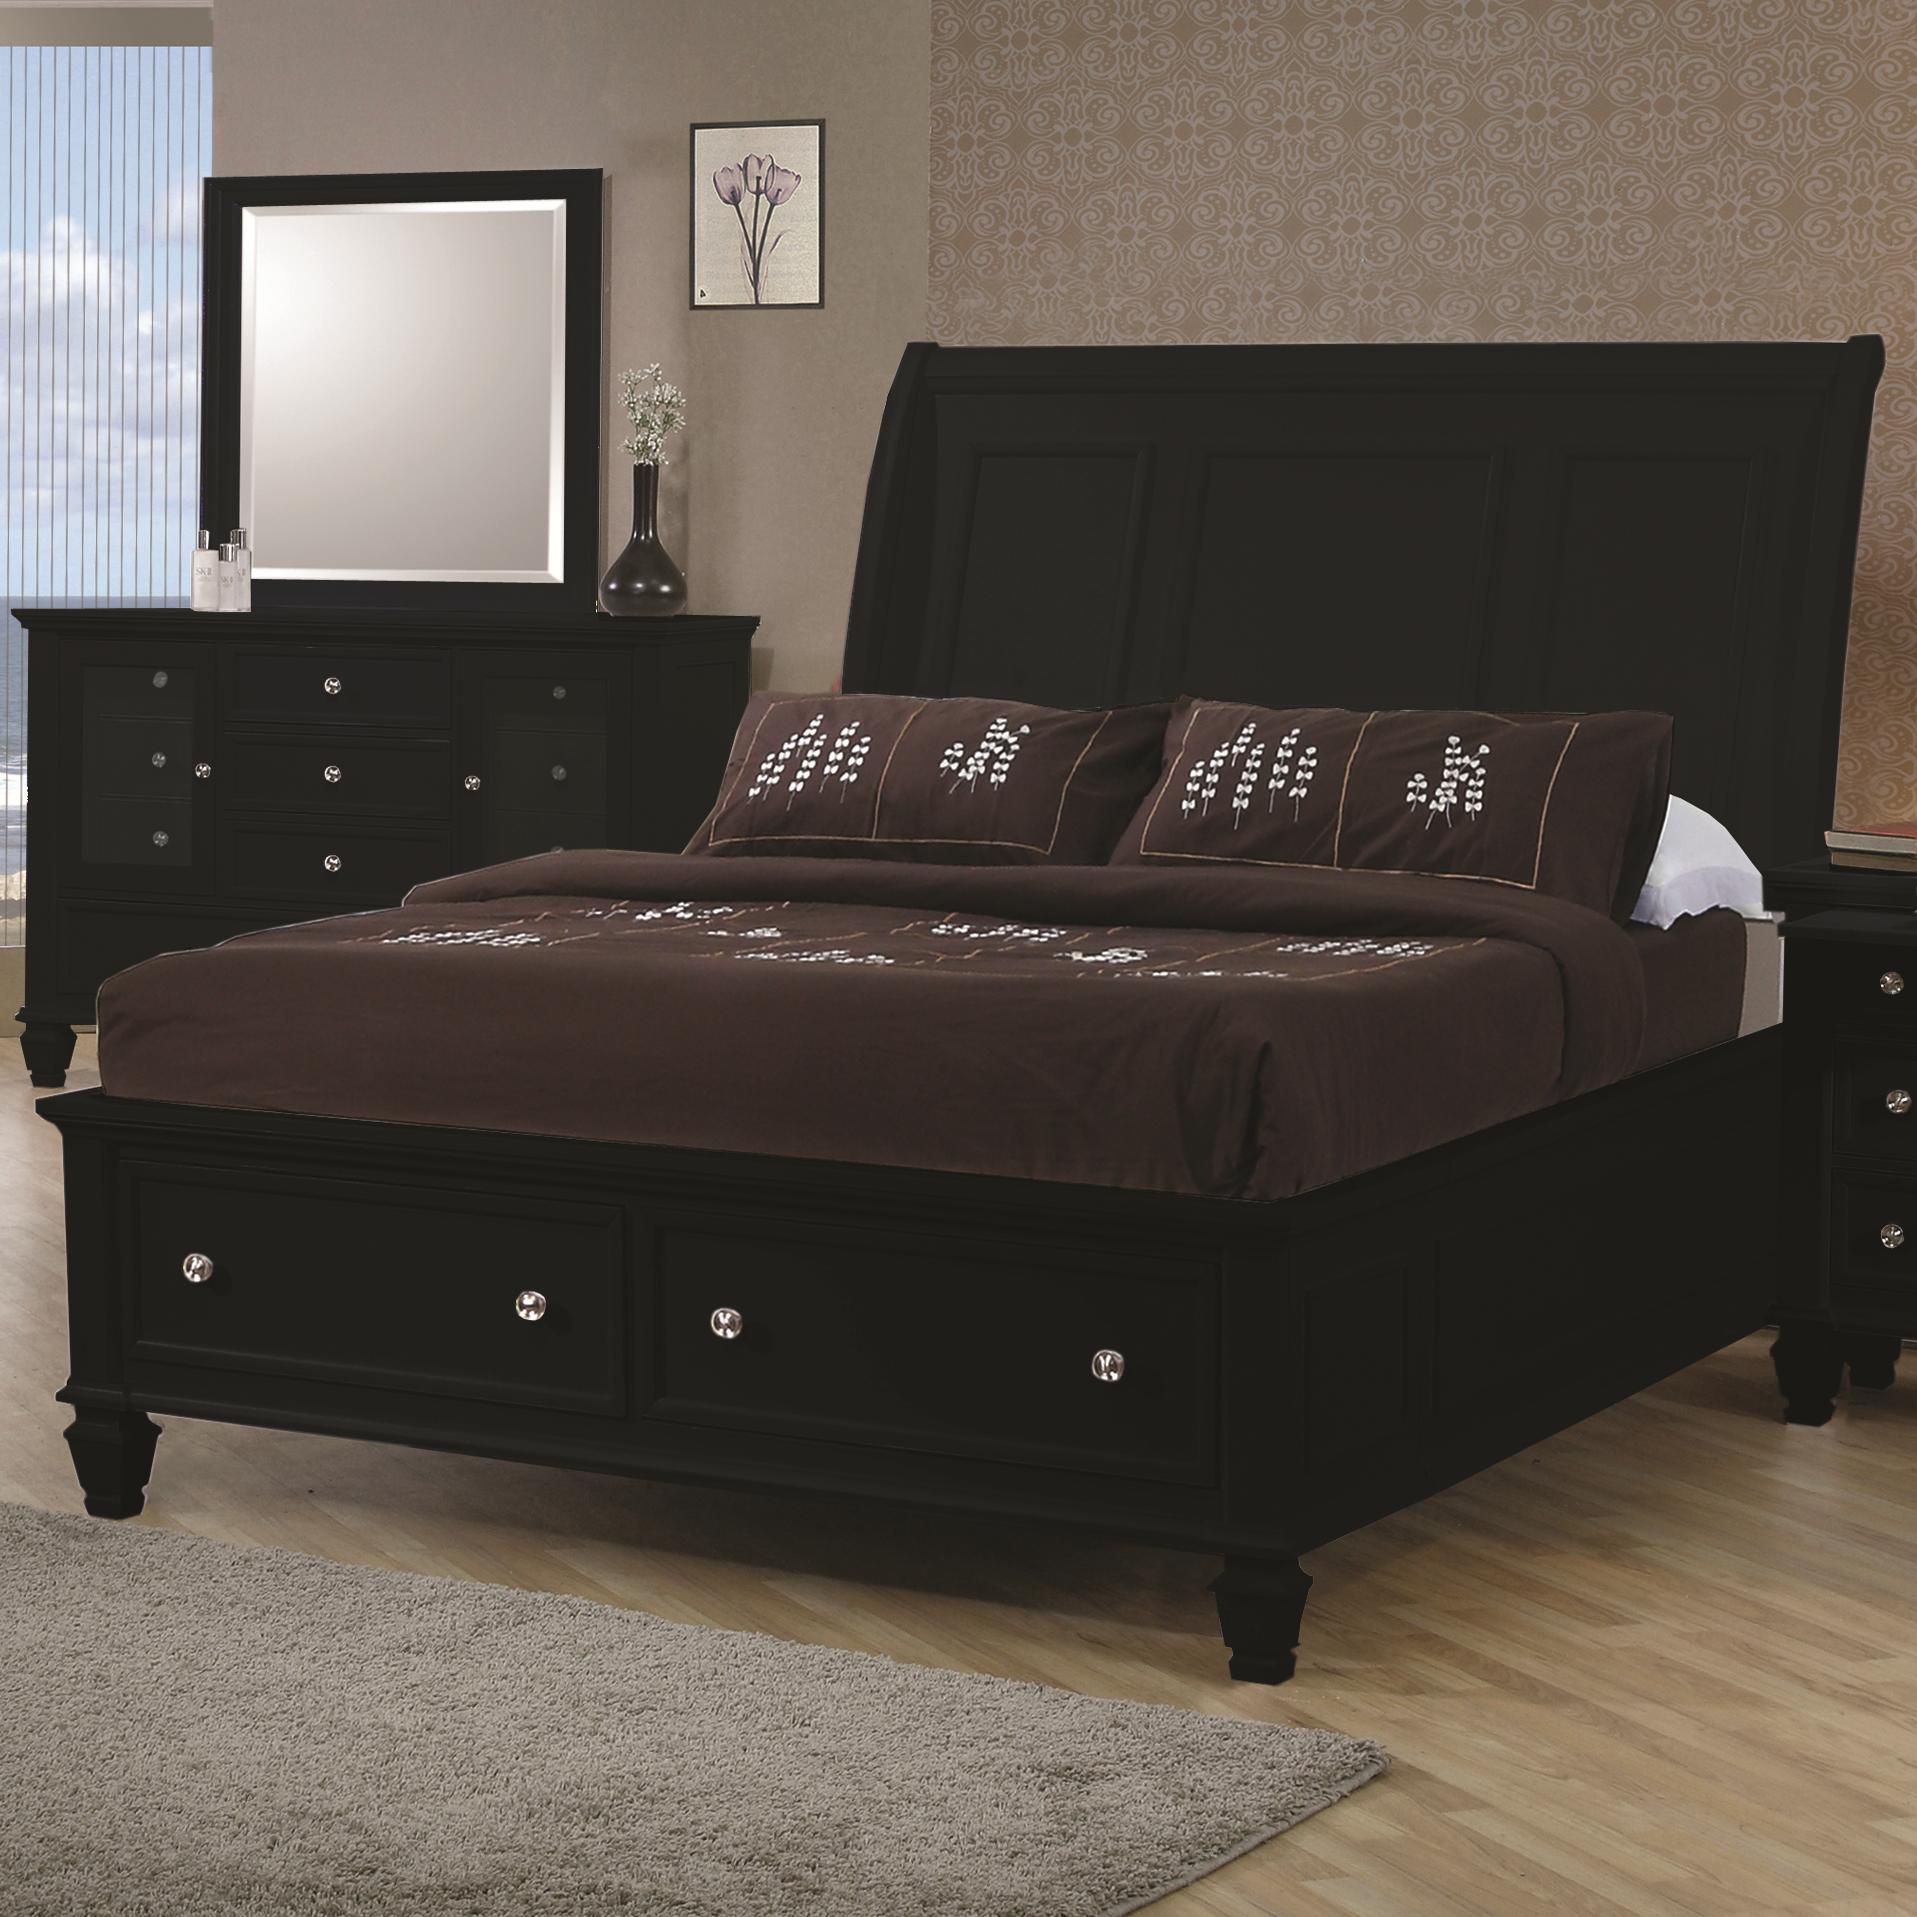 Coaster sandy beach king sleigh bed item number 201329ke